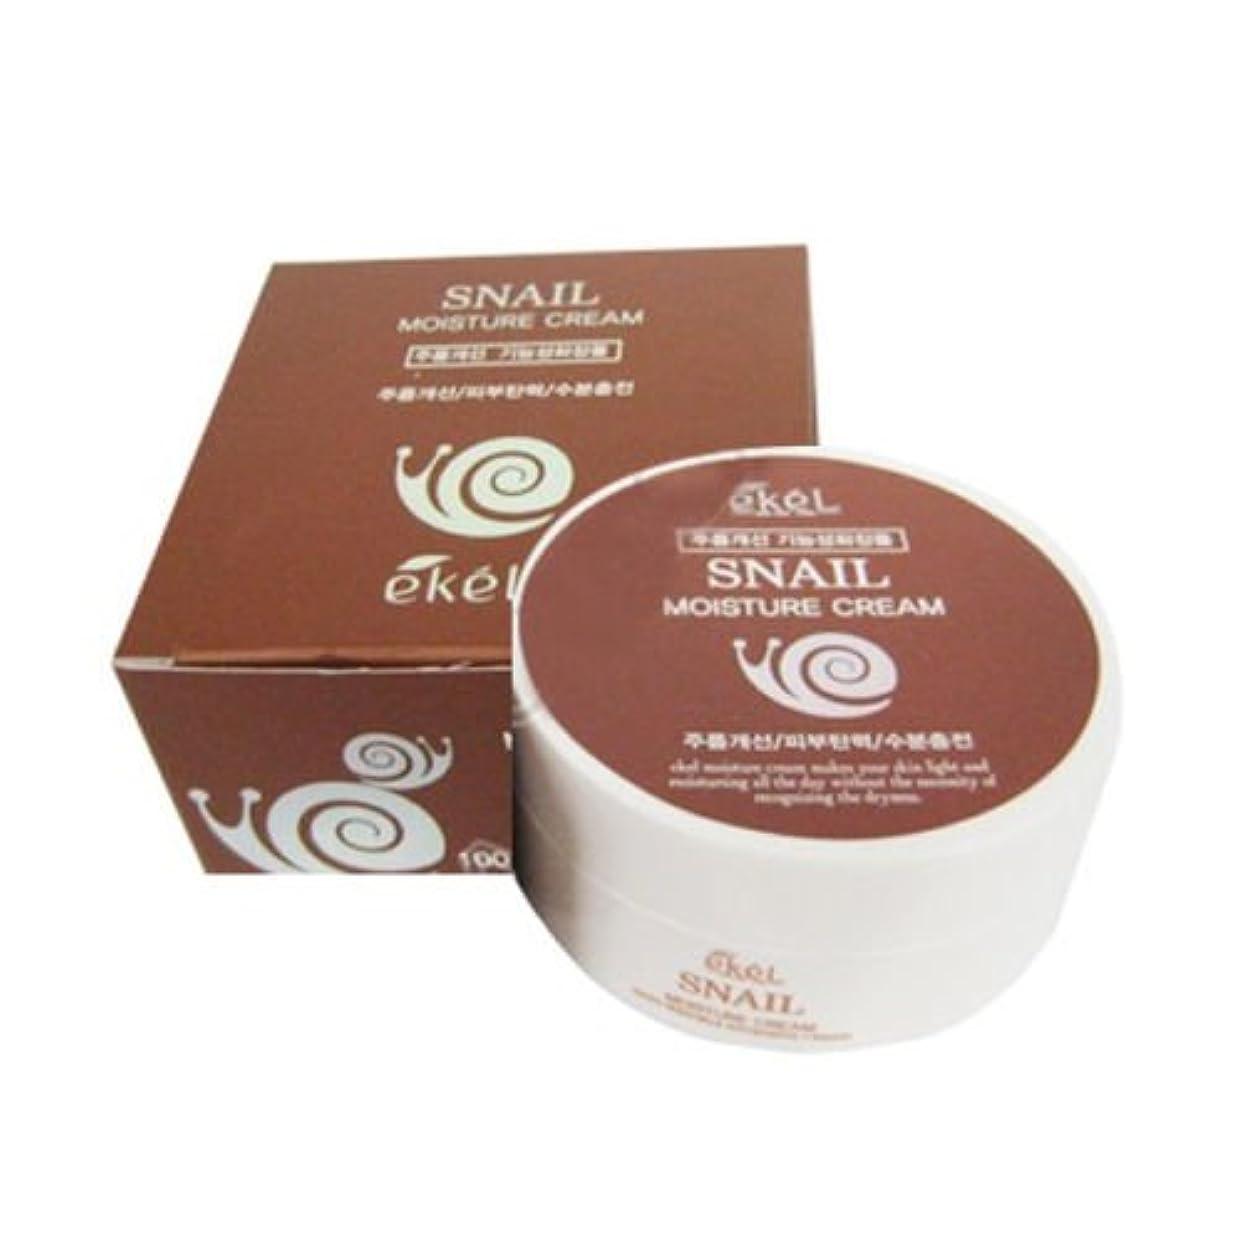 イケル[韓国コスメEkel]Snail Moisture Cream カタツムリモイスチャークリーム100g [並行輸入品]